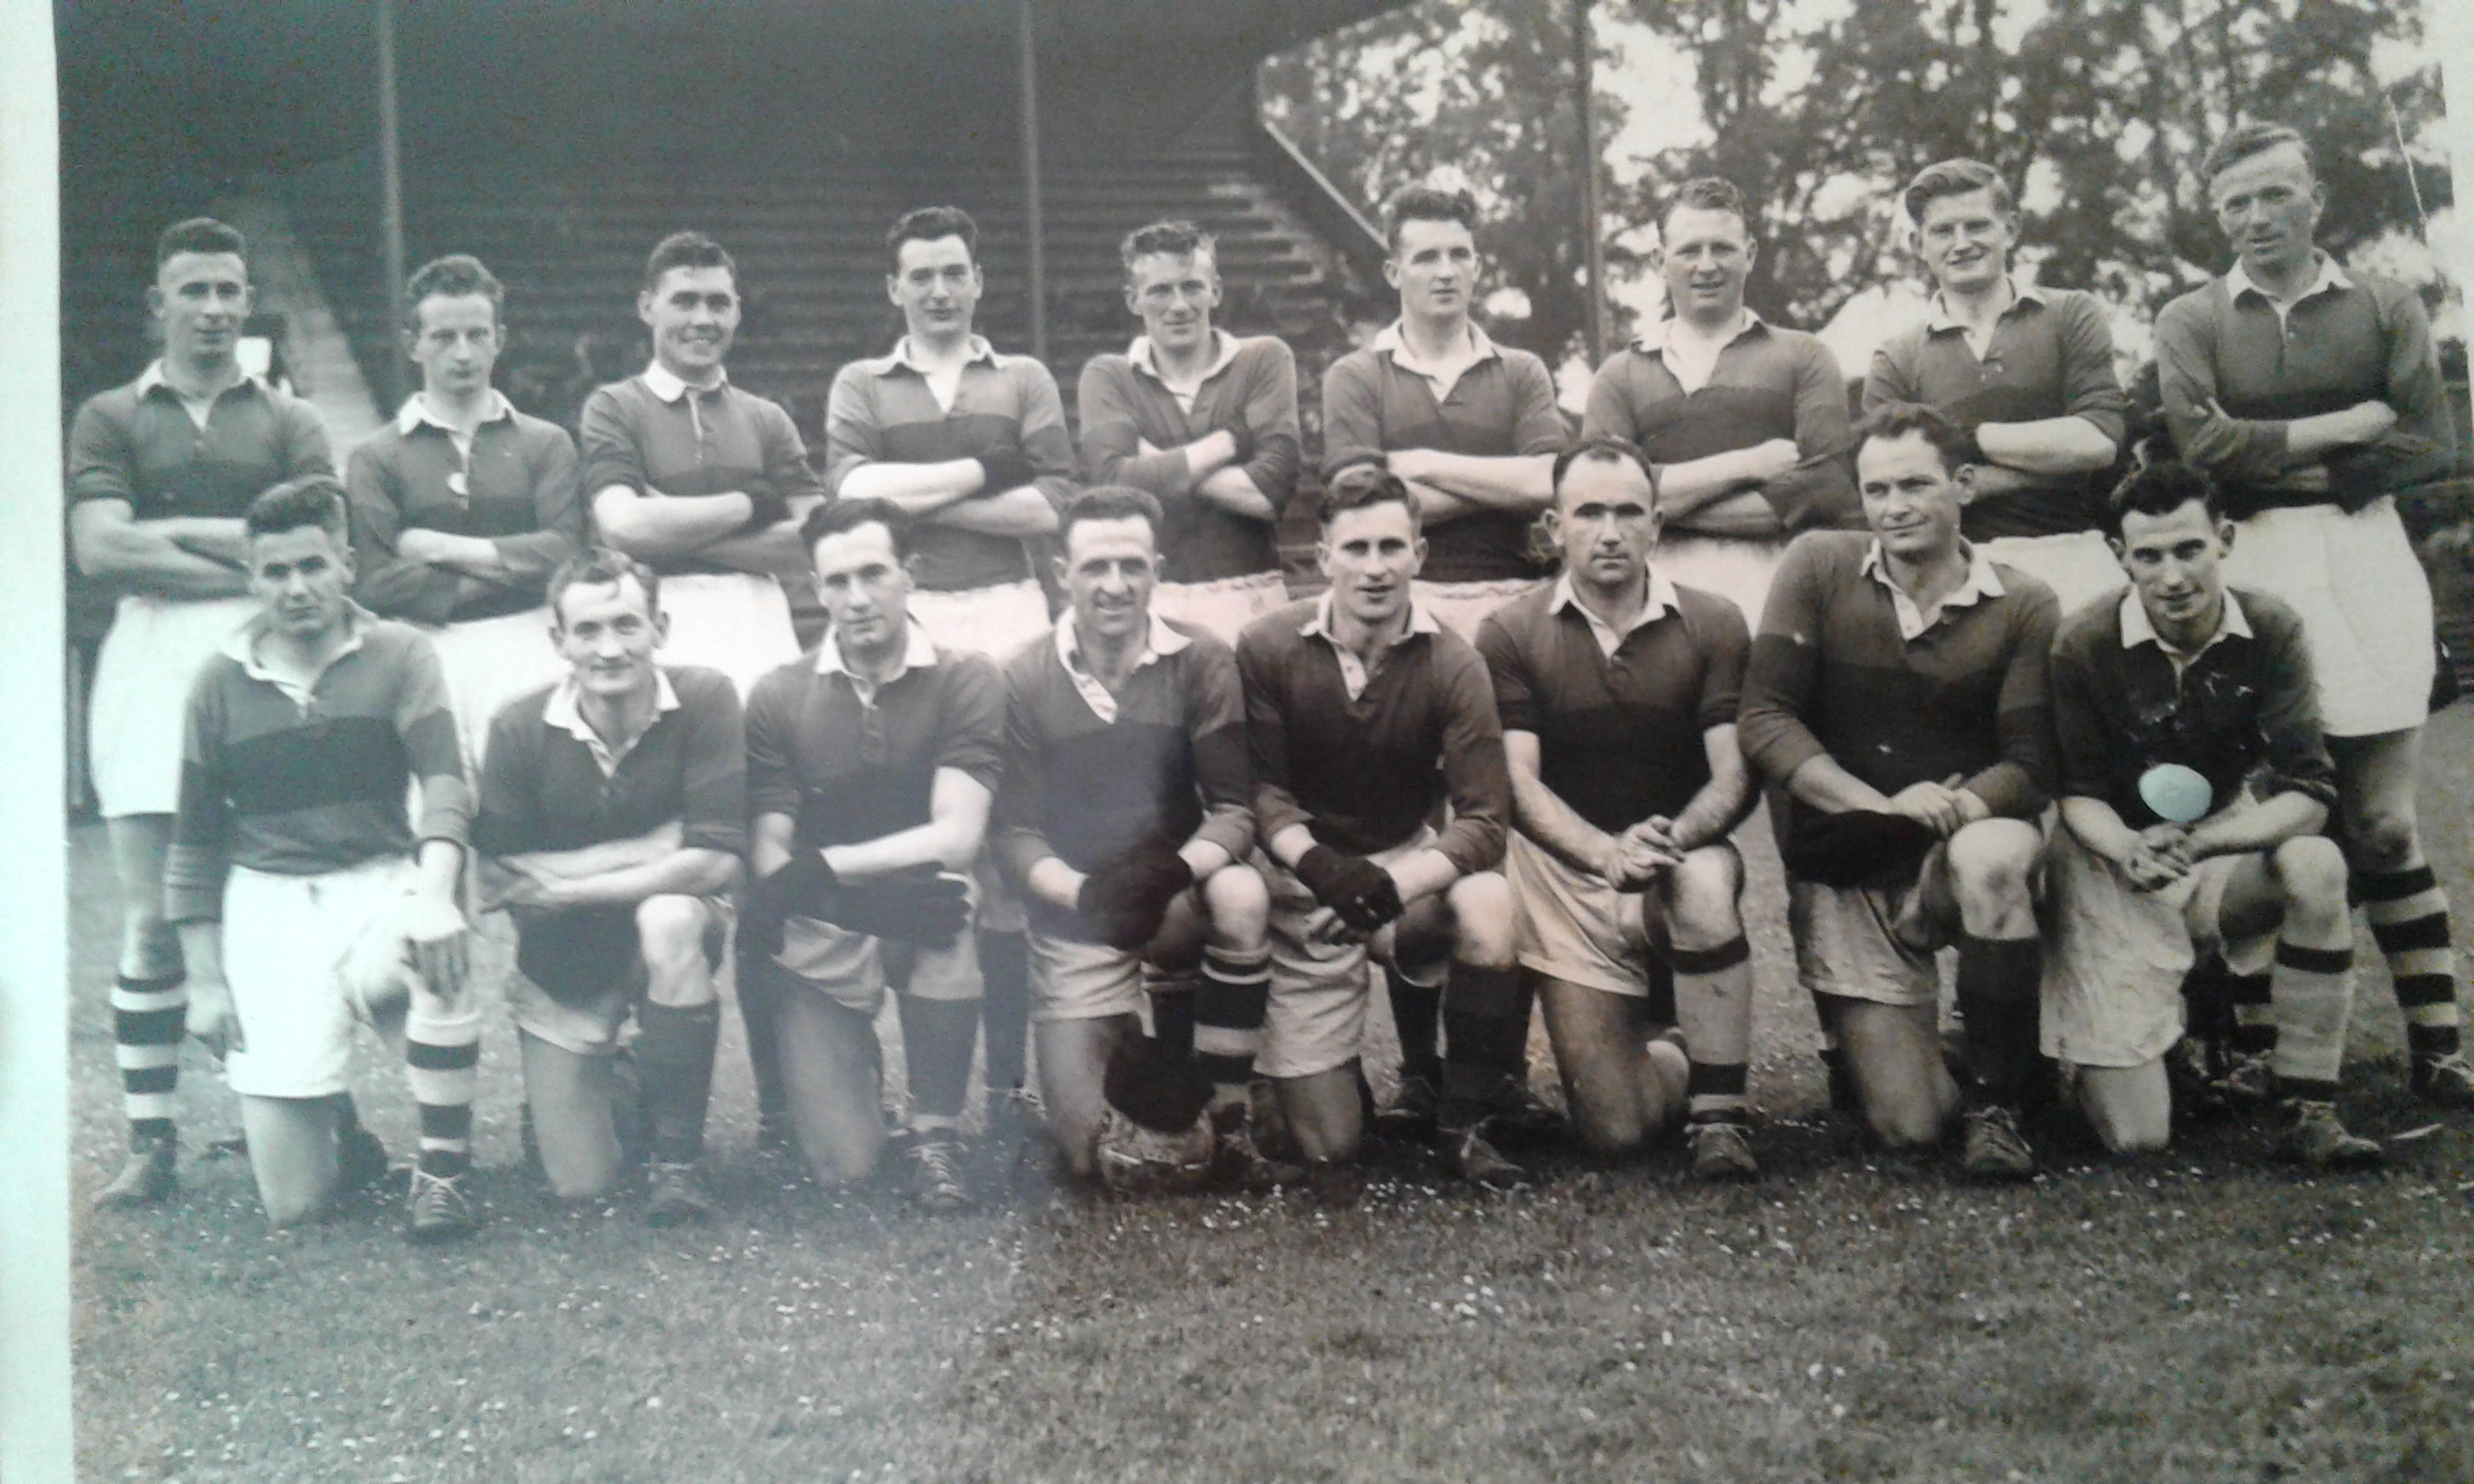 mayo-team-1950s